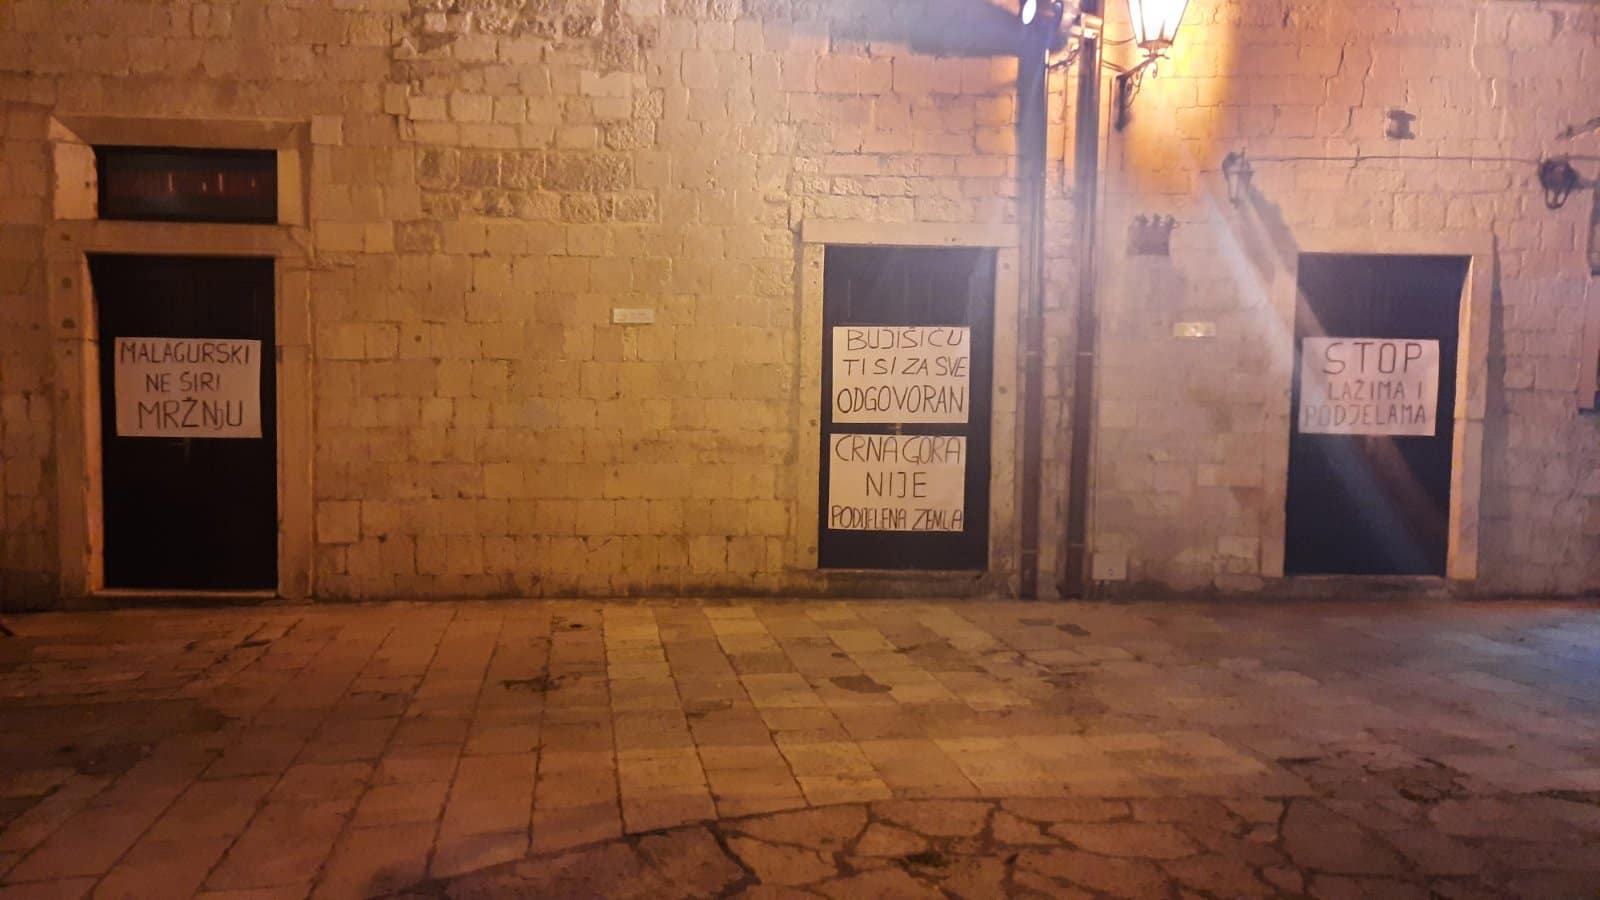 Poruka za Malagurskog na vratima kina Boka